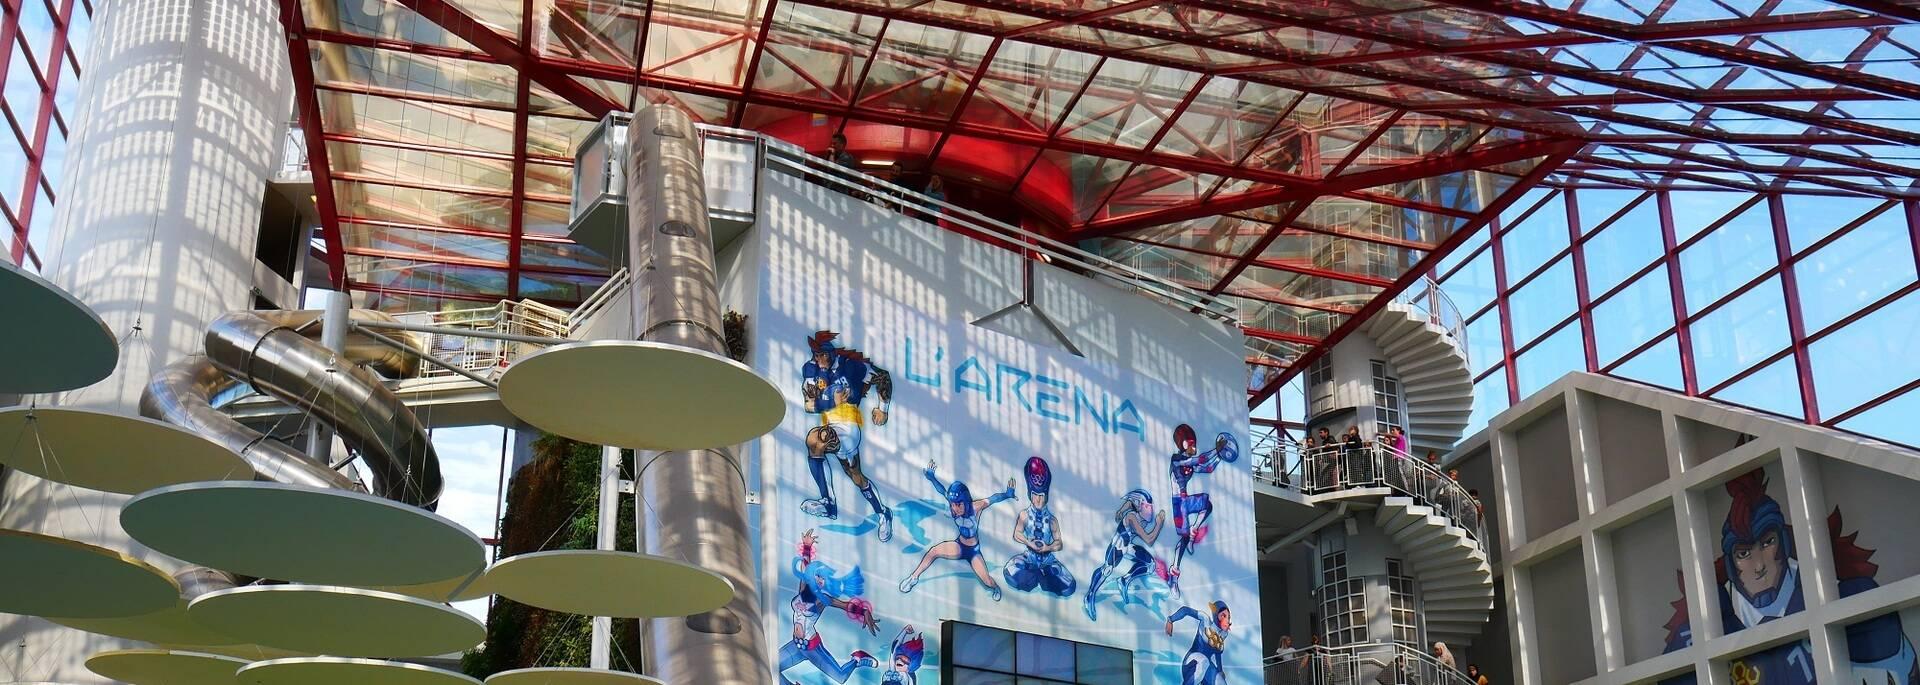 L'Arena Fun Expériences du Futuroscope - ©FDHPA17 / P.Migaud